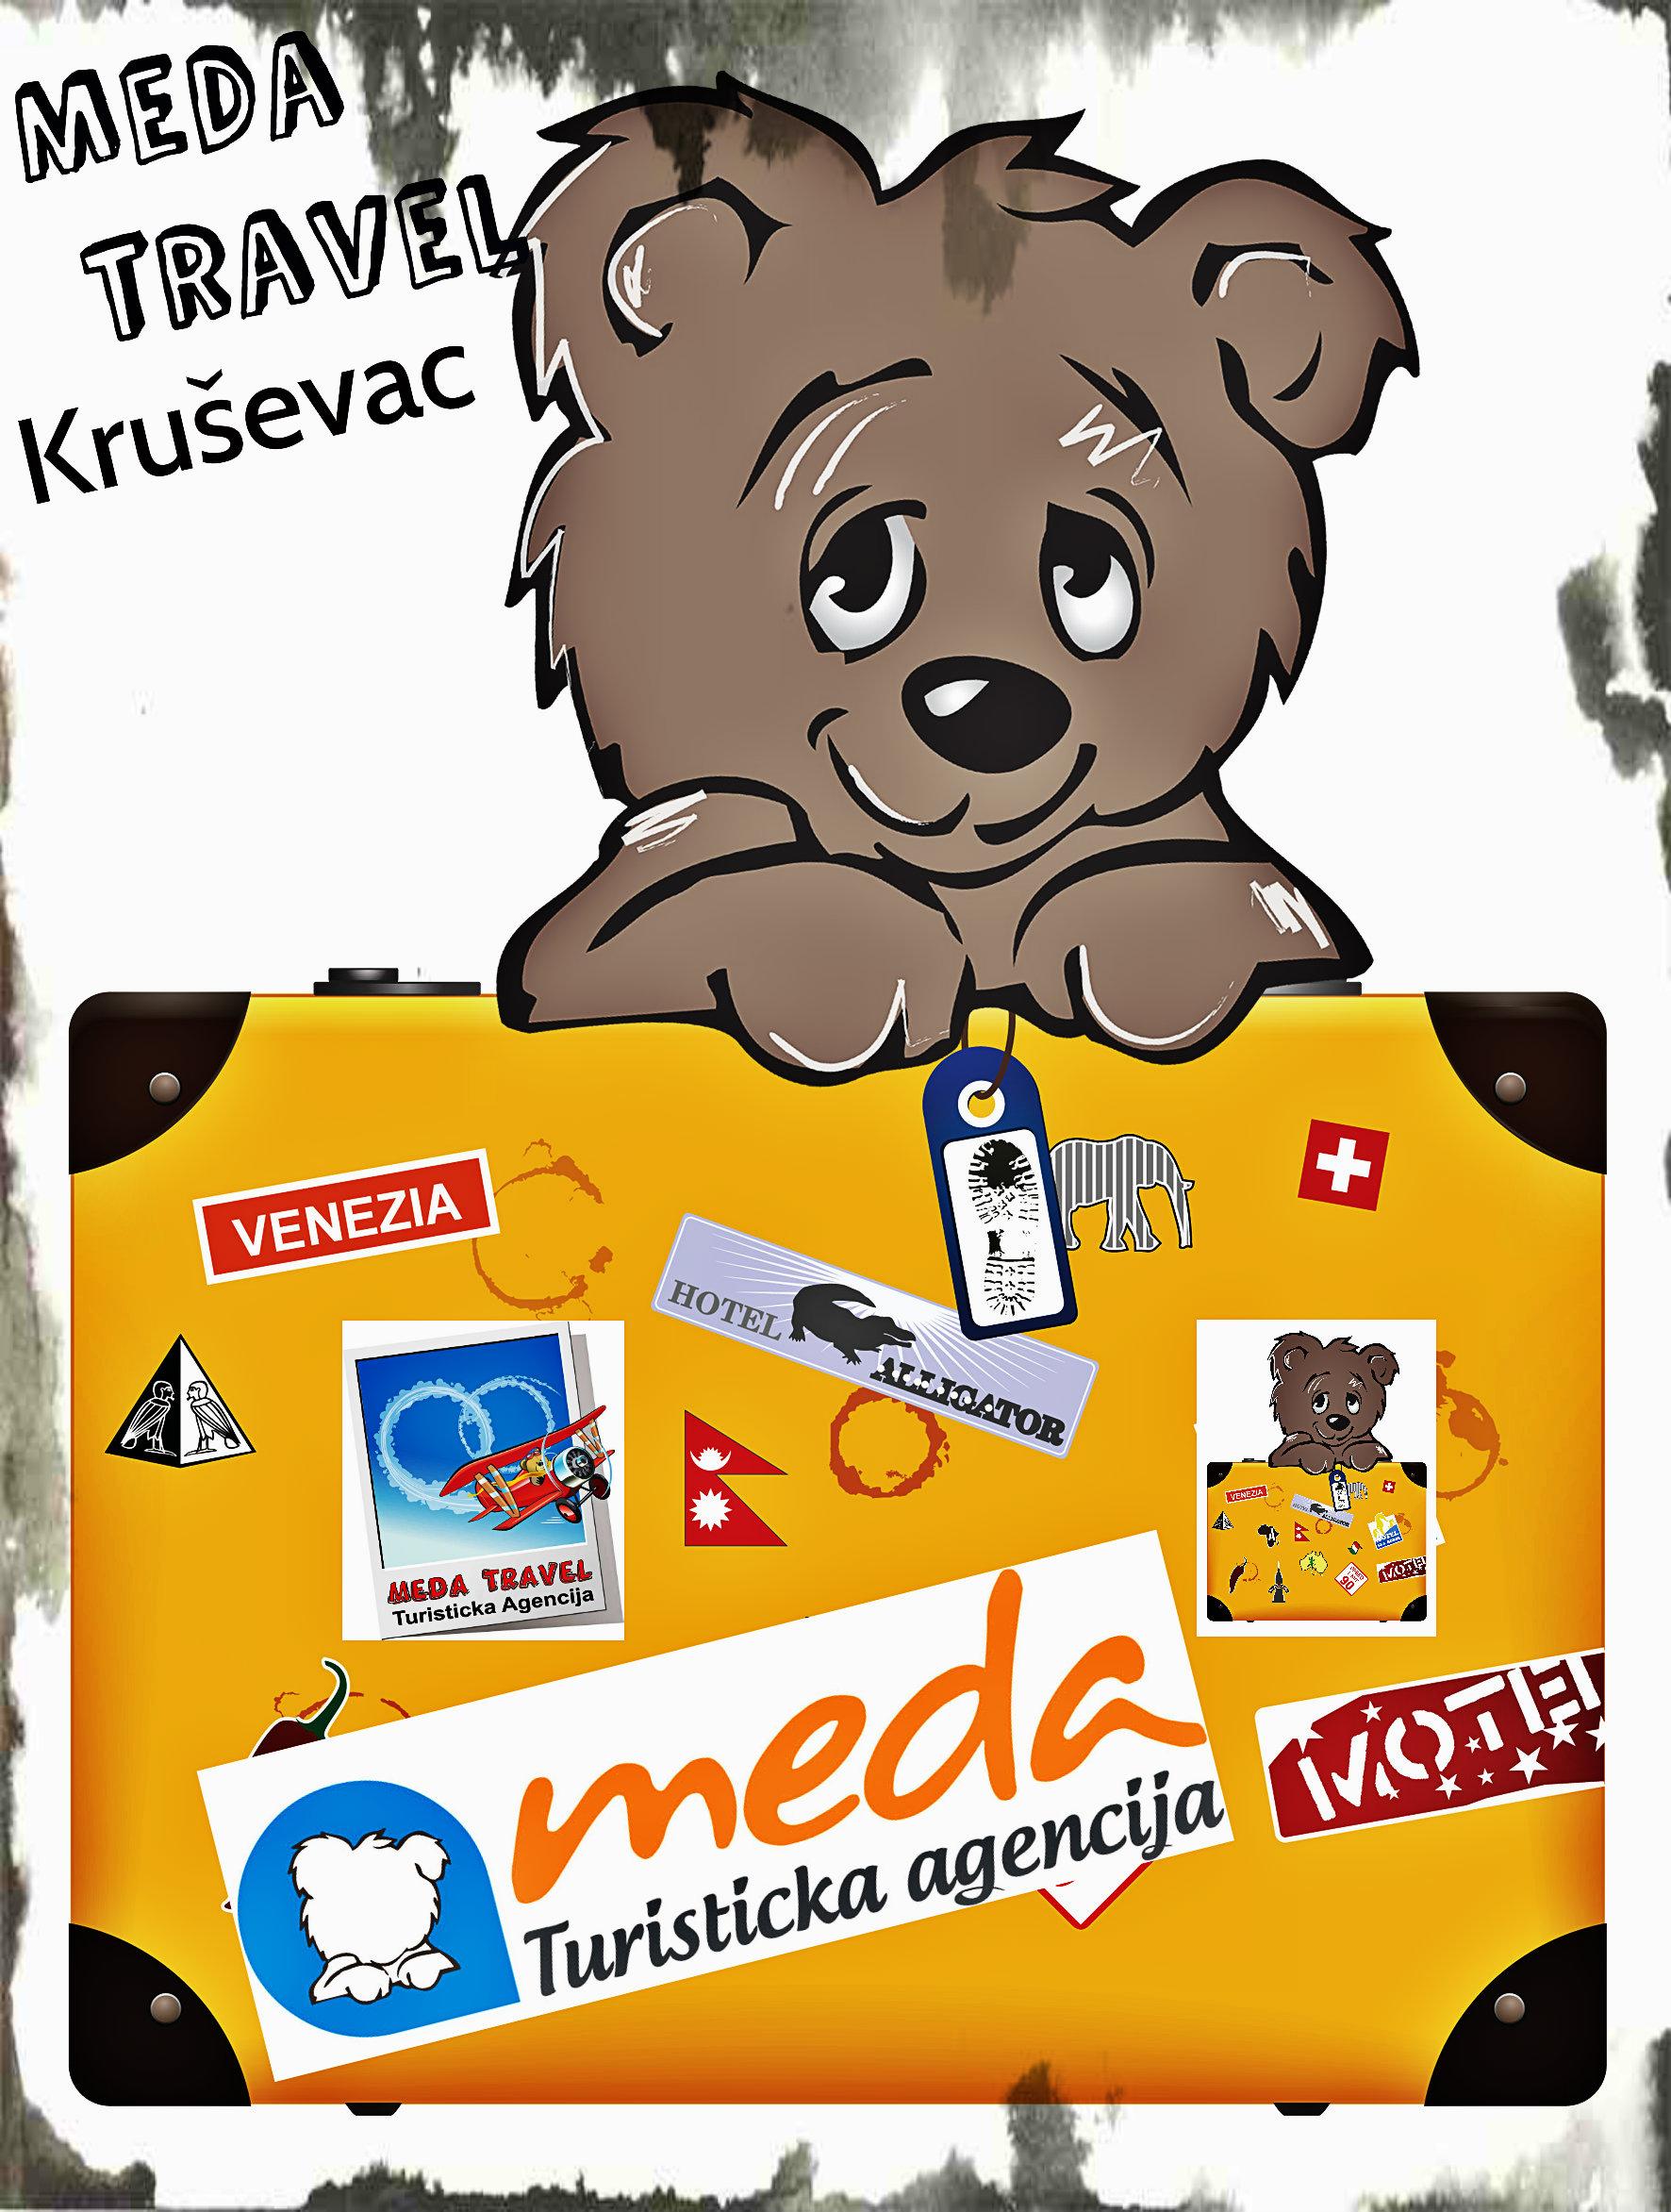 Meda travel Kruševac